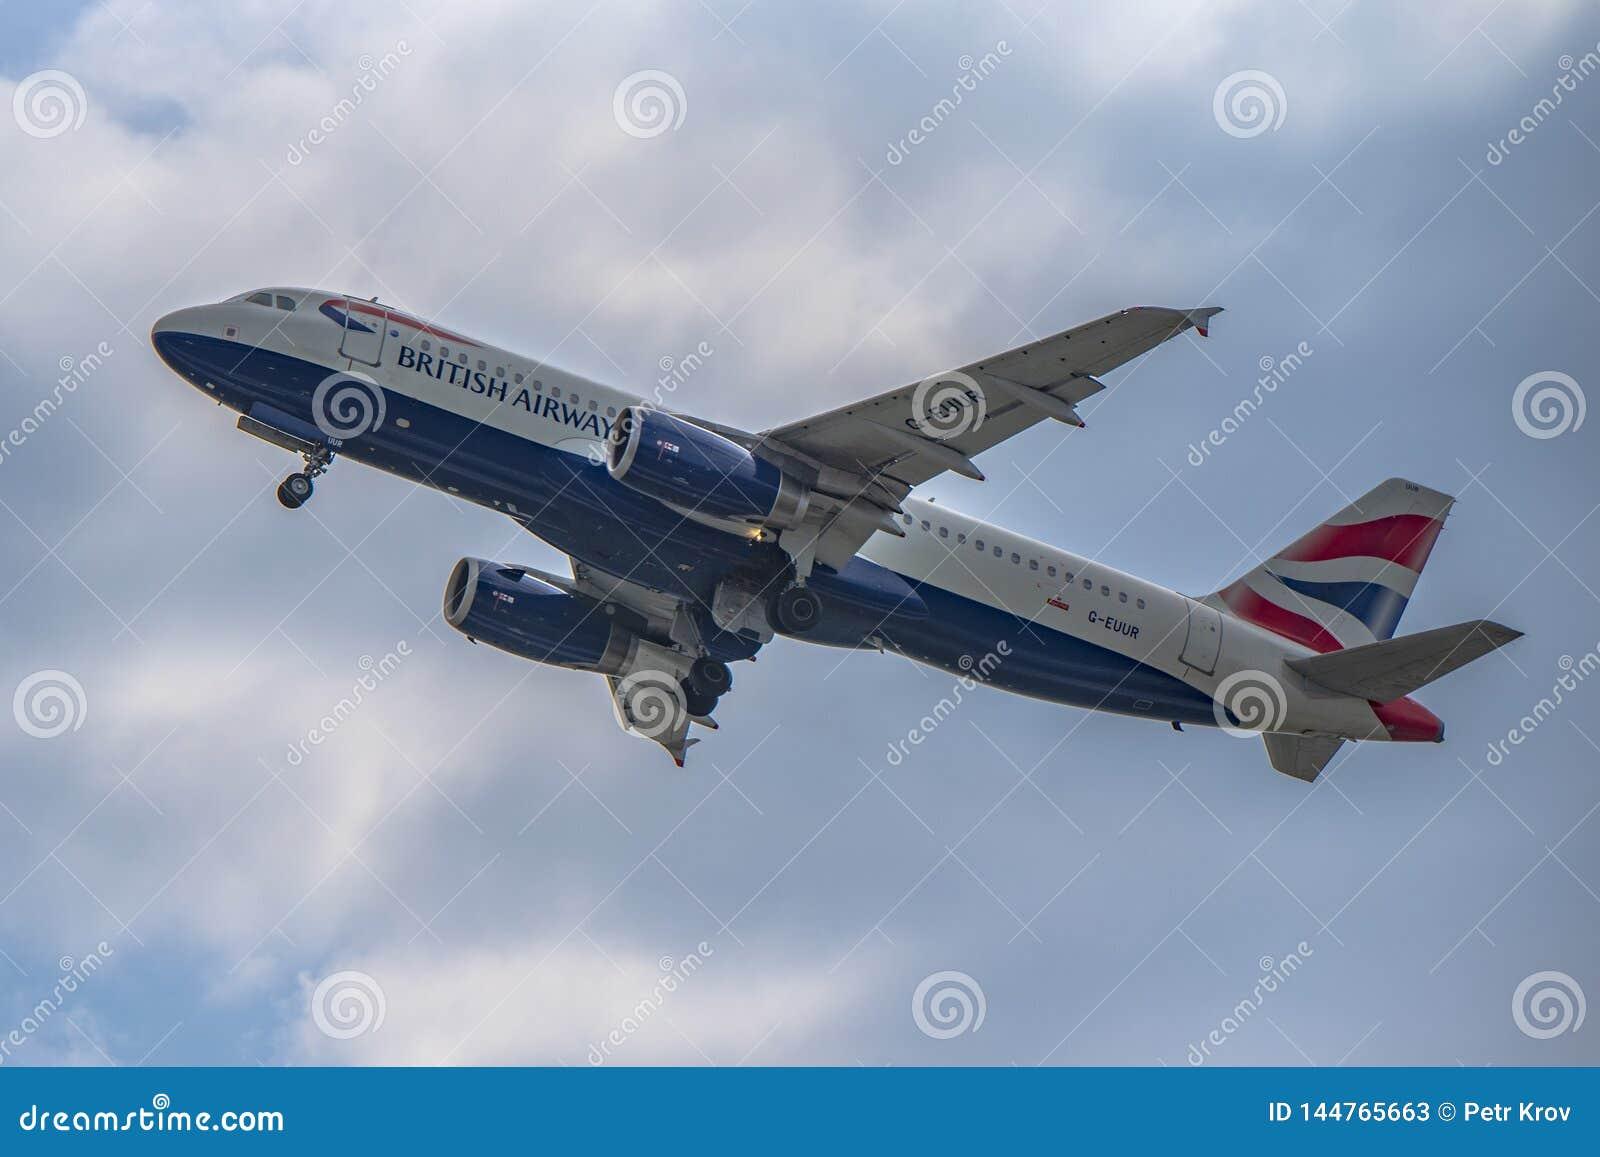 Flughafen Prag Ruzyne, entfernen britische arways Airbusses